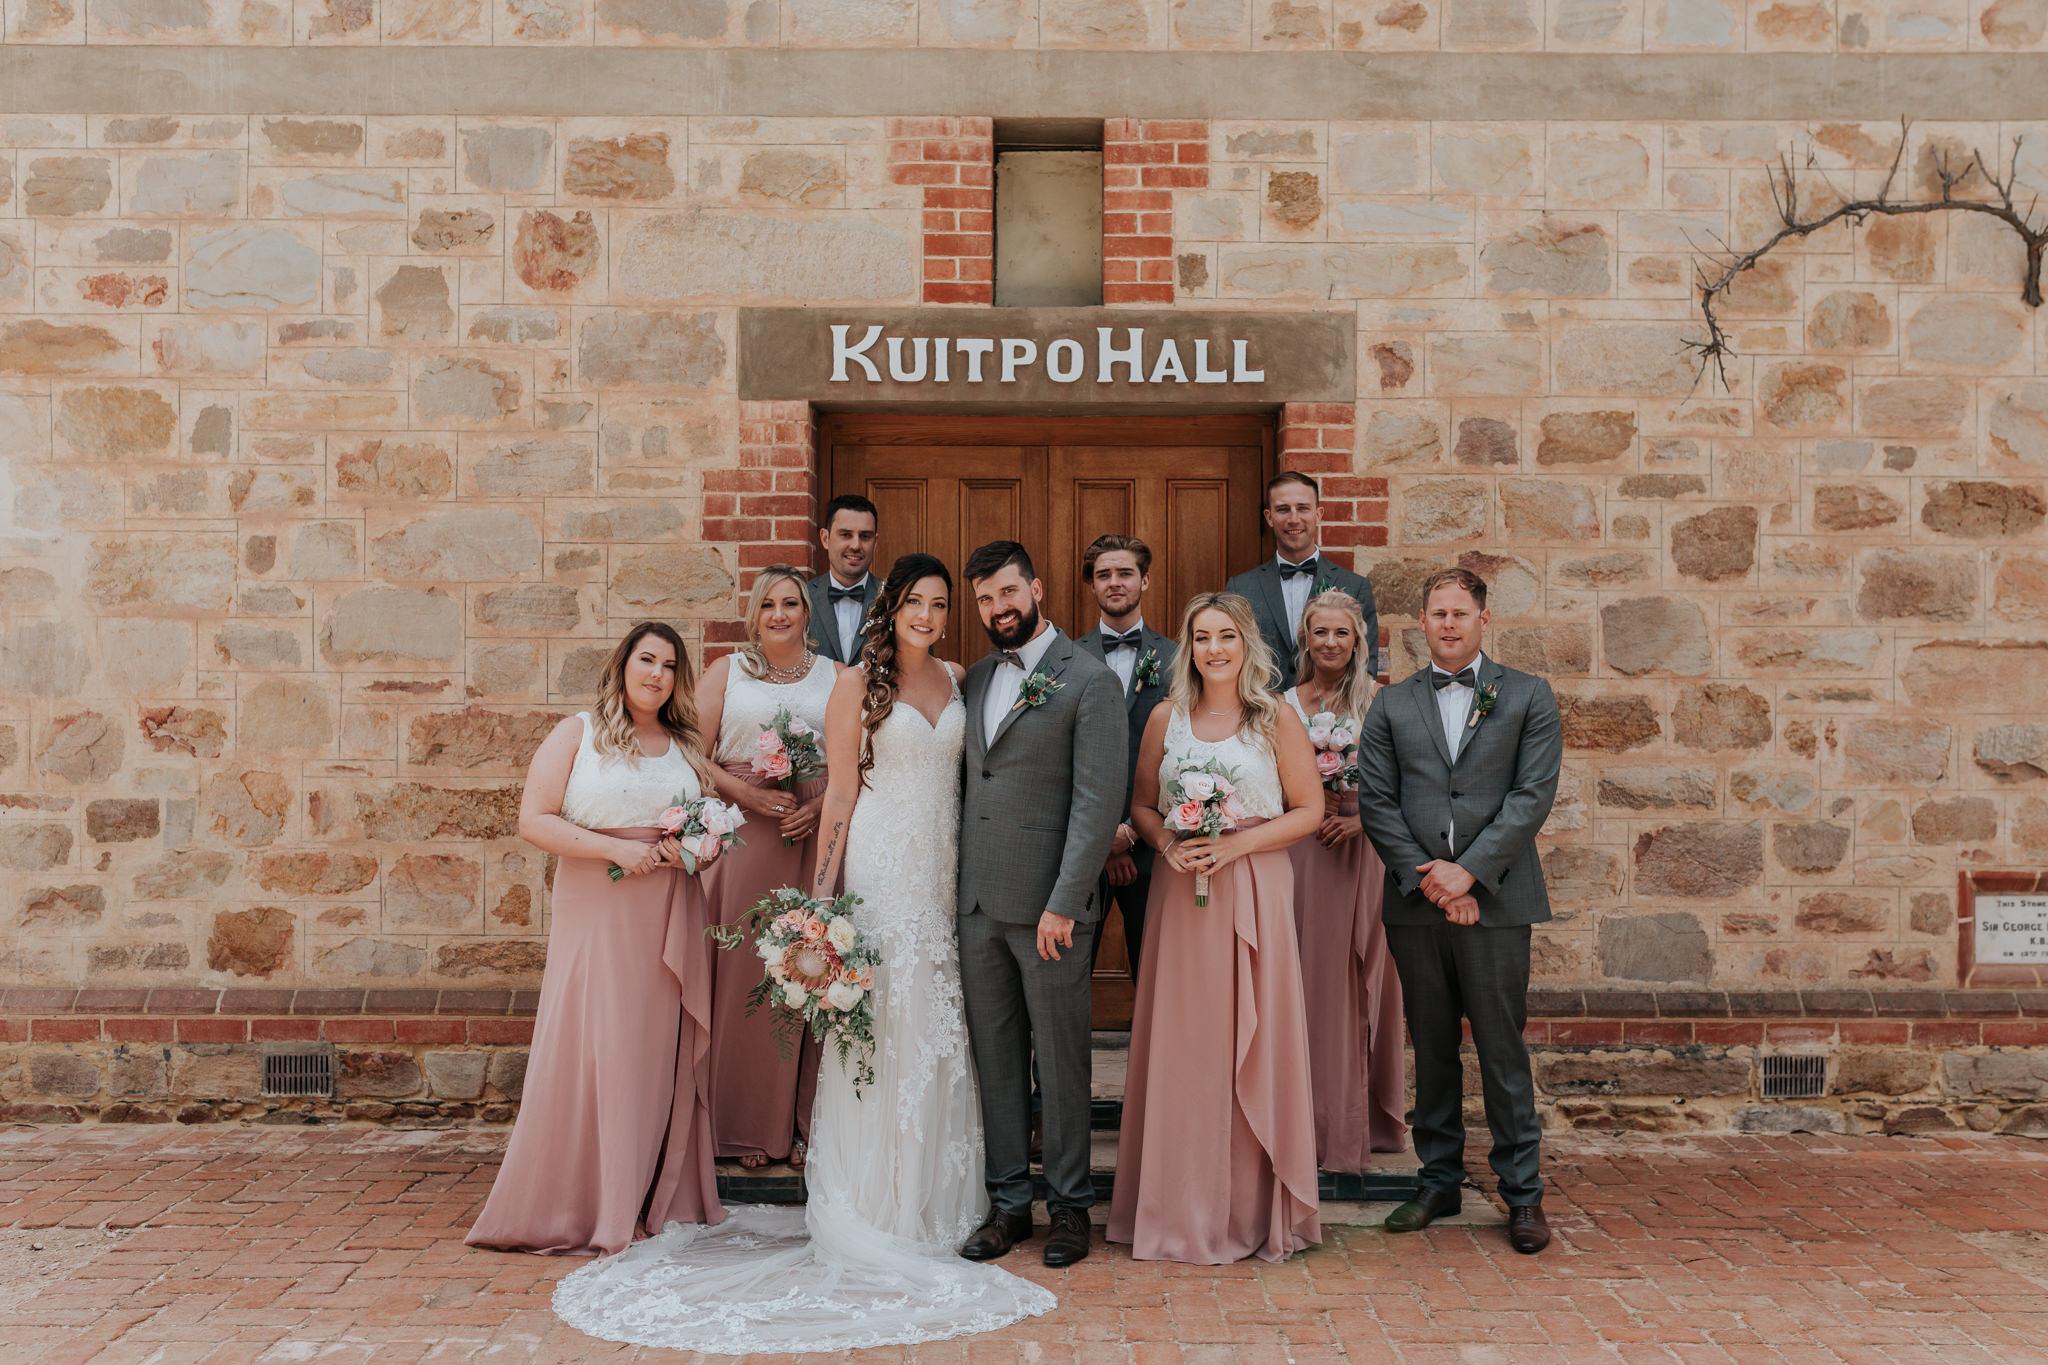 KristieCarrickPhotography_Kari&Gary_Kuitpo-771.jpg